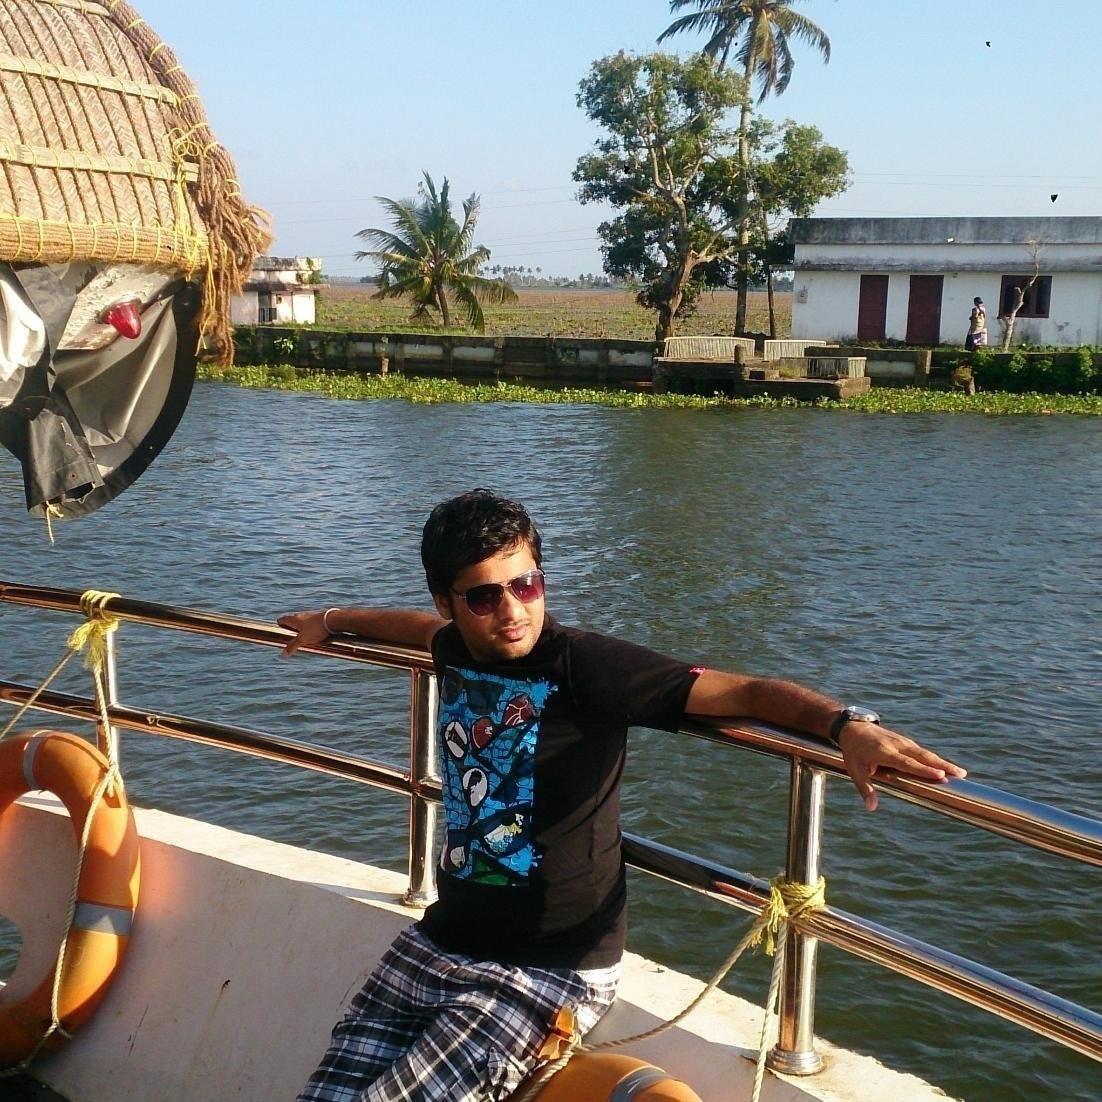 VijayRaj P Jain